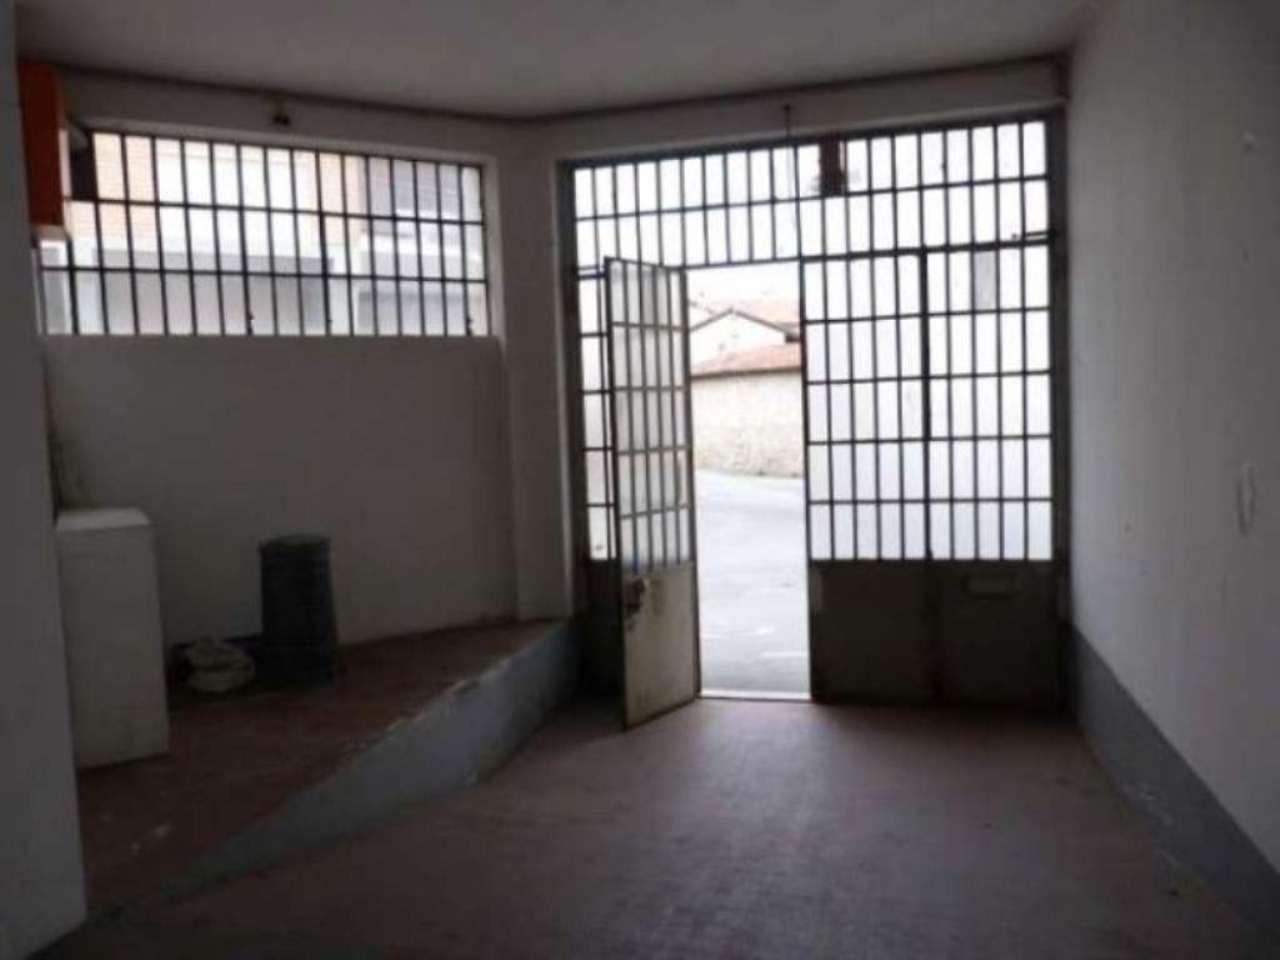 Capannone in vendita a Villa Guardia, 4 locali, prezzo € 190.000 | PortaleAgenzieImmobiliari.it